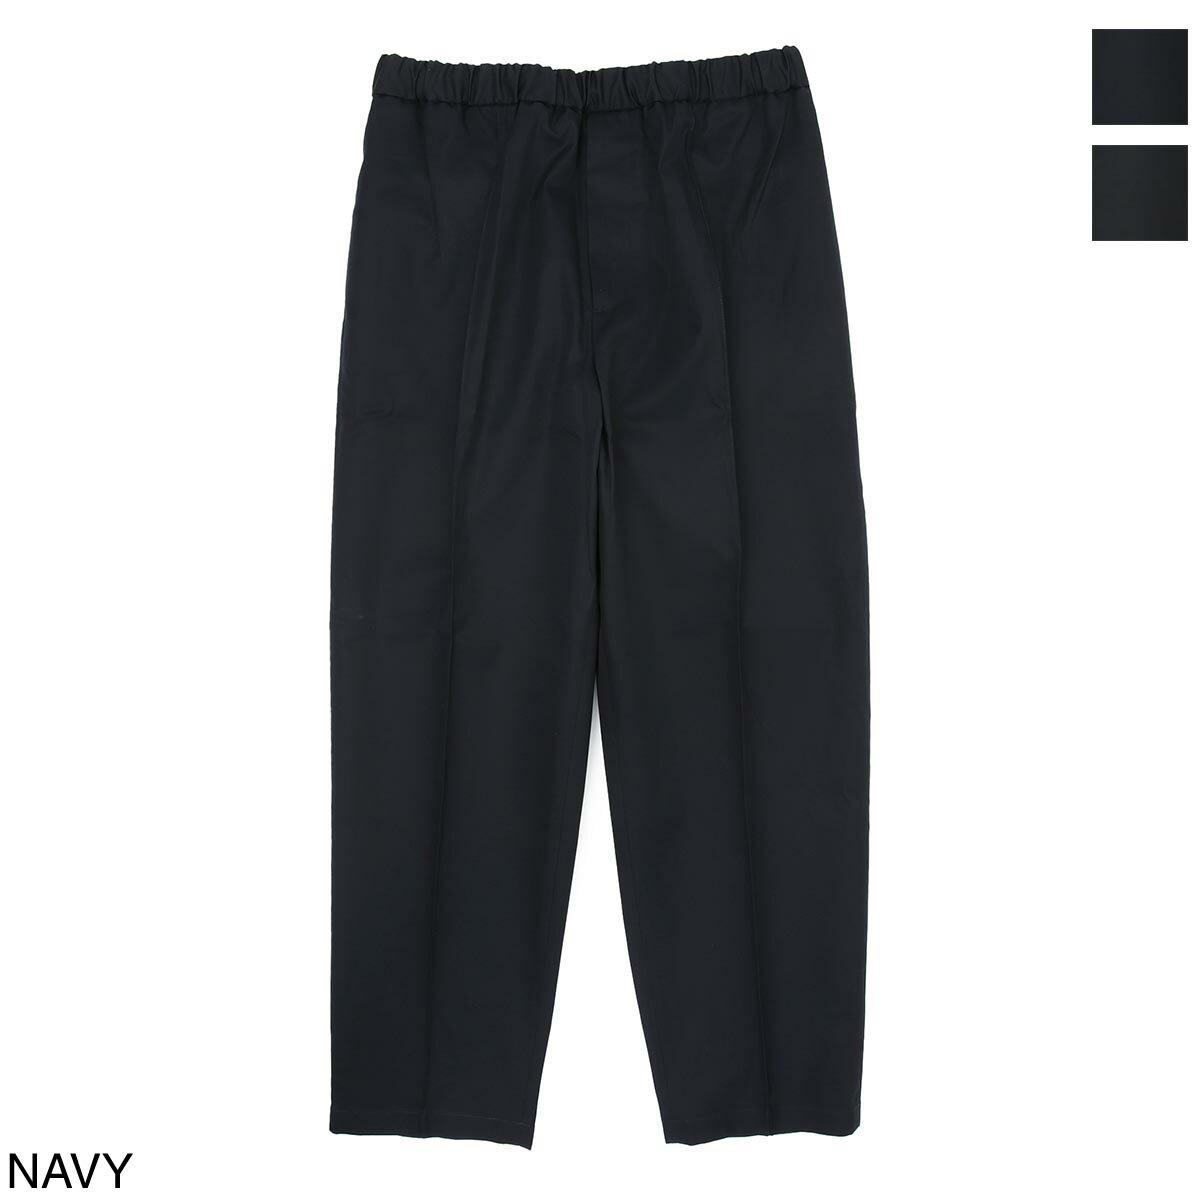 メンズファッション, ズボン・パンツ  JIL SANDER jsmt311131 mt243800 4012021AW